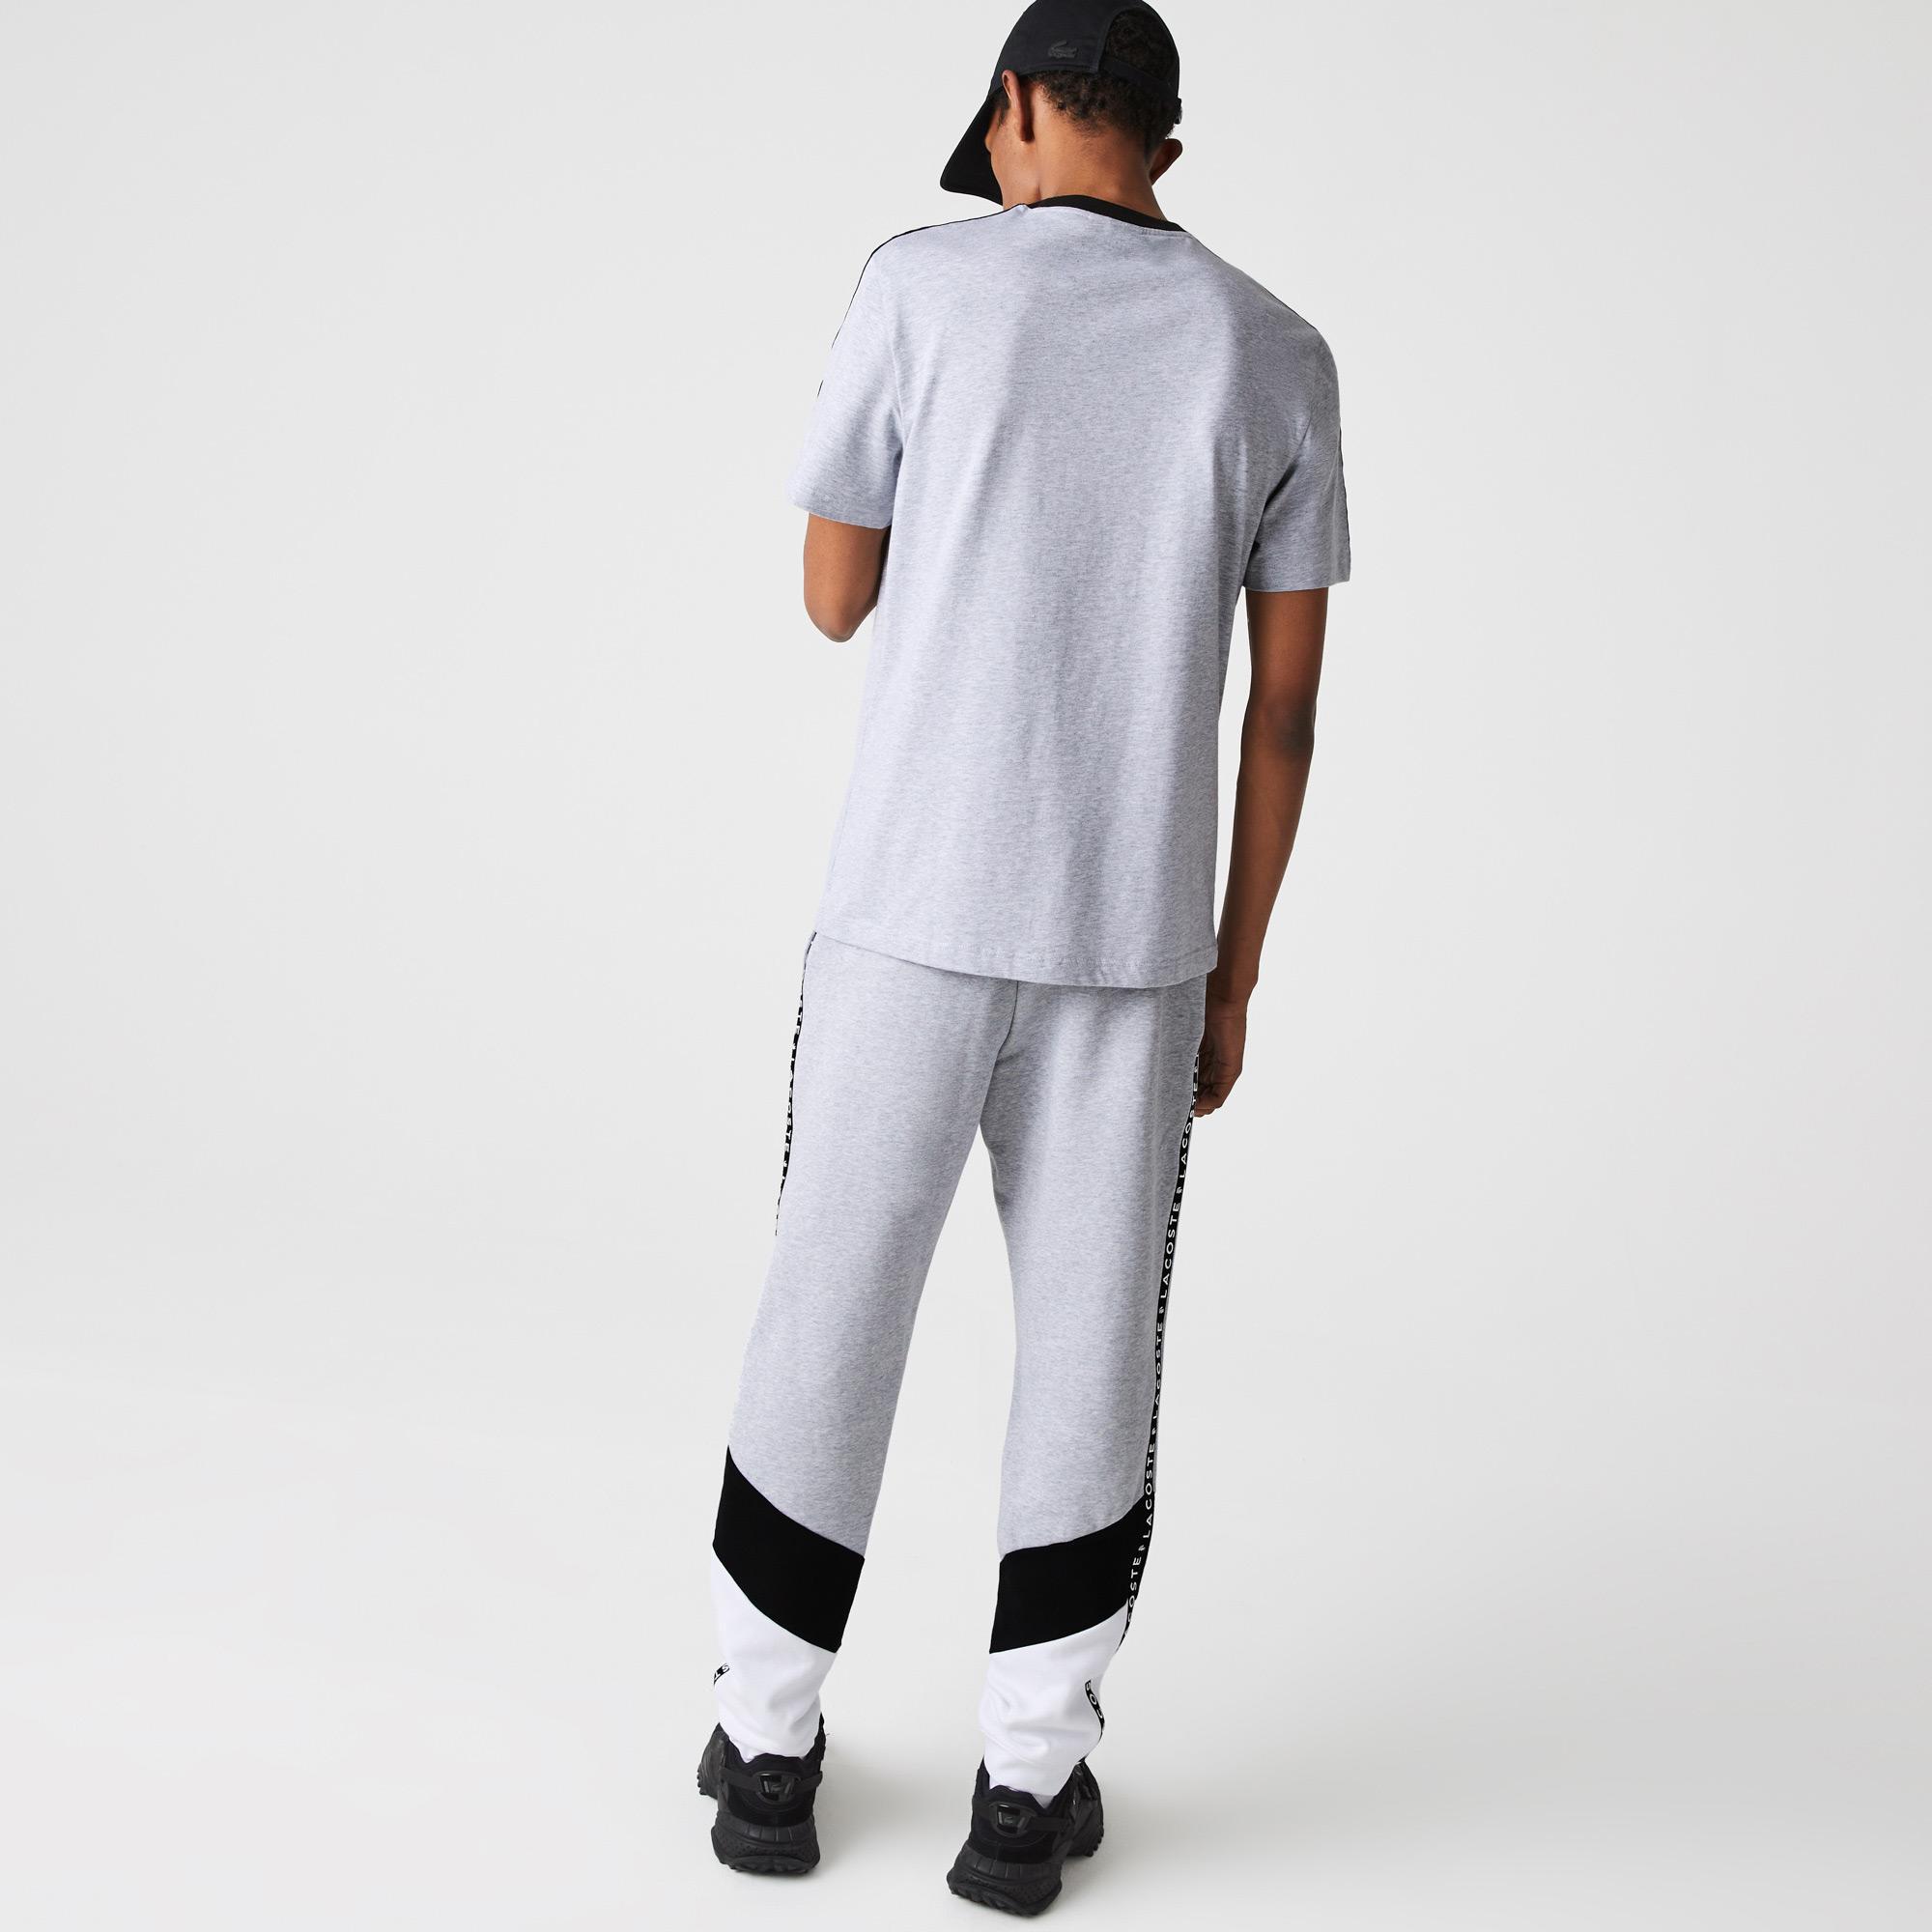 Lacoste T-shirt męski z bawełny, z okrągłym dekoltem, z nadrukiem i w paski